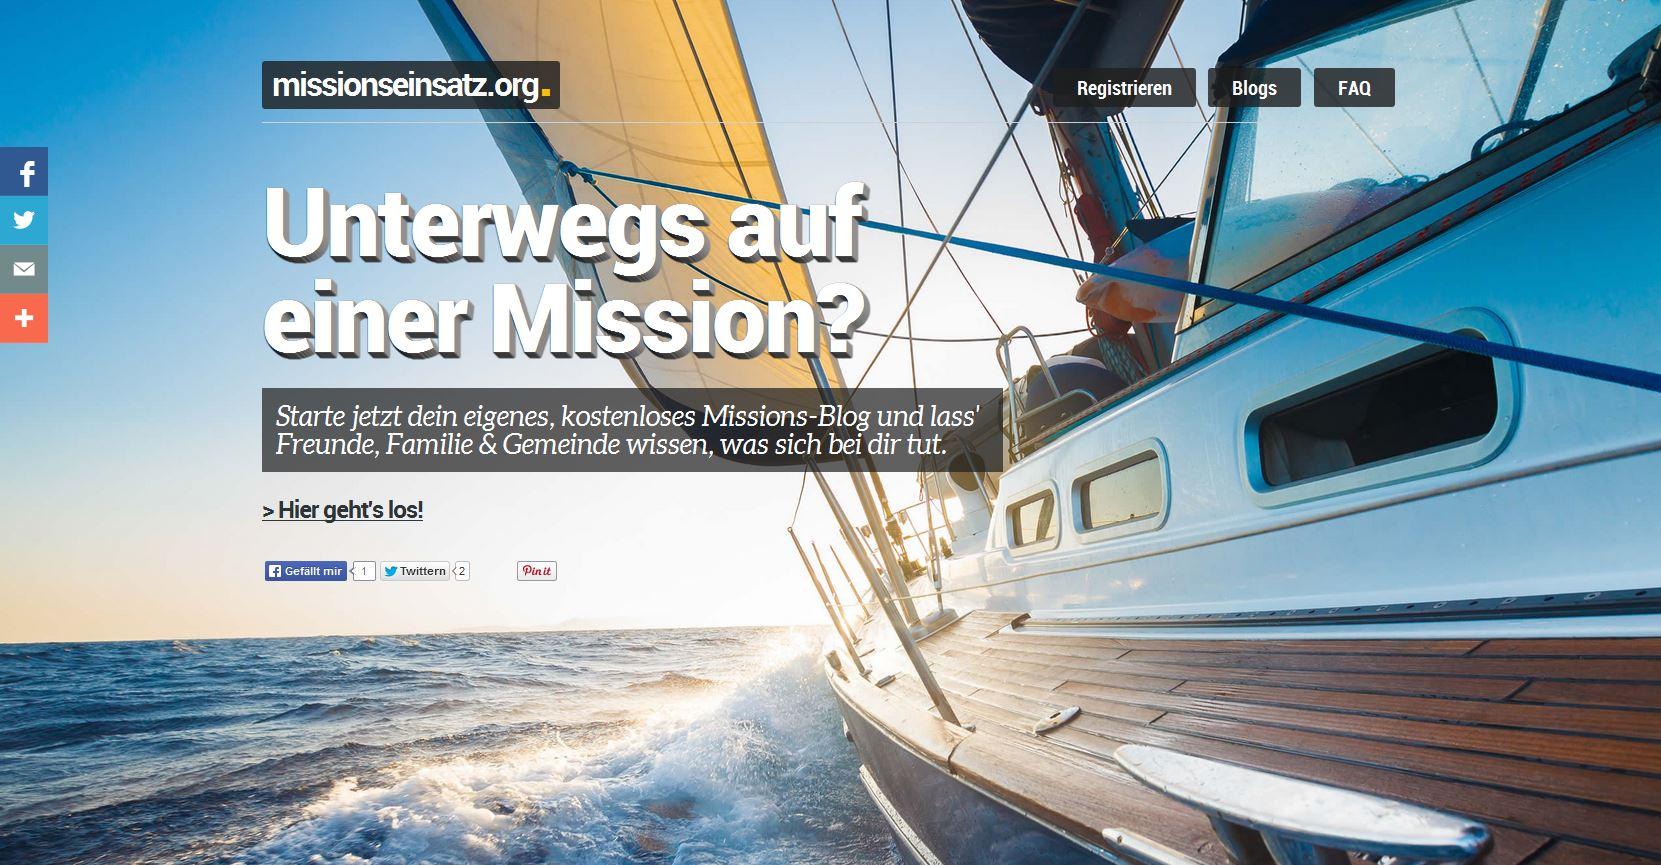 missionseinsatz.org